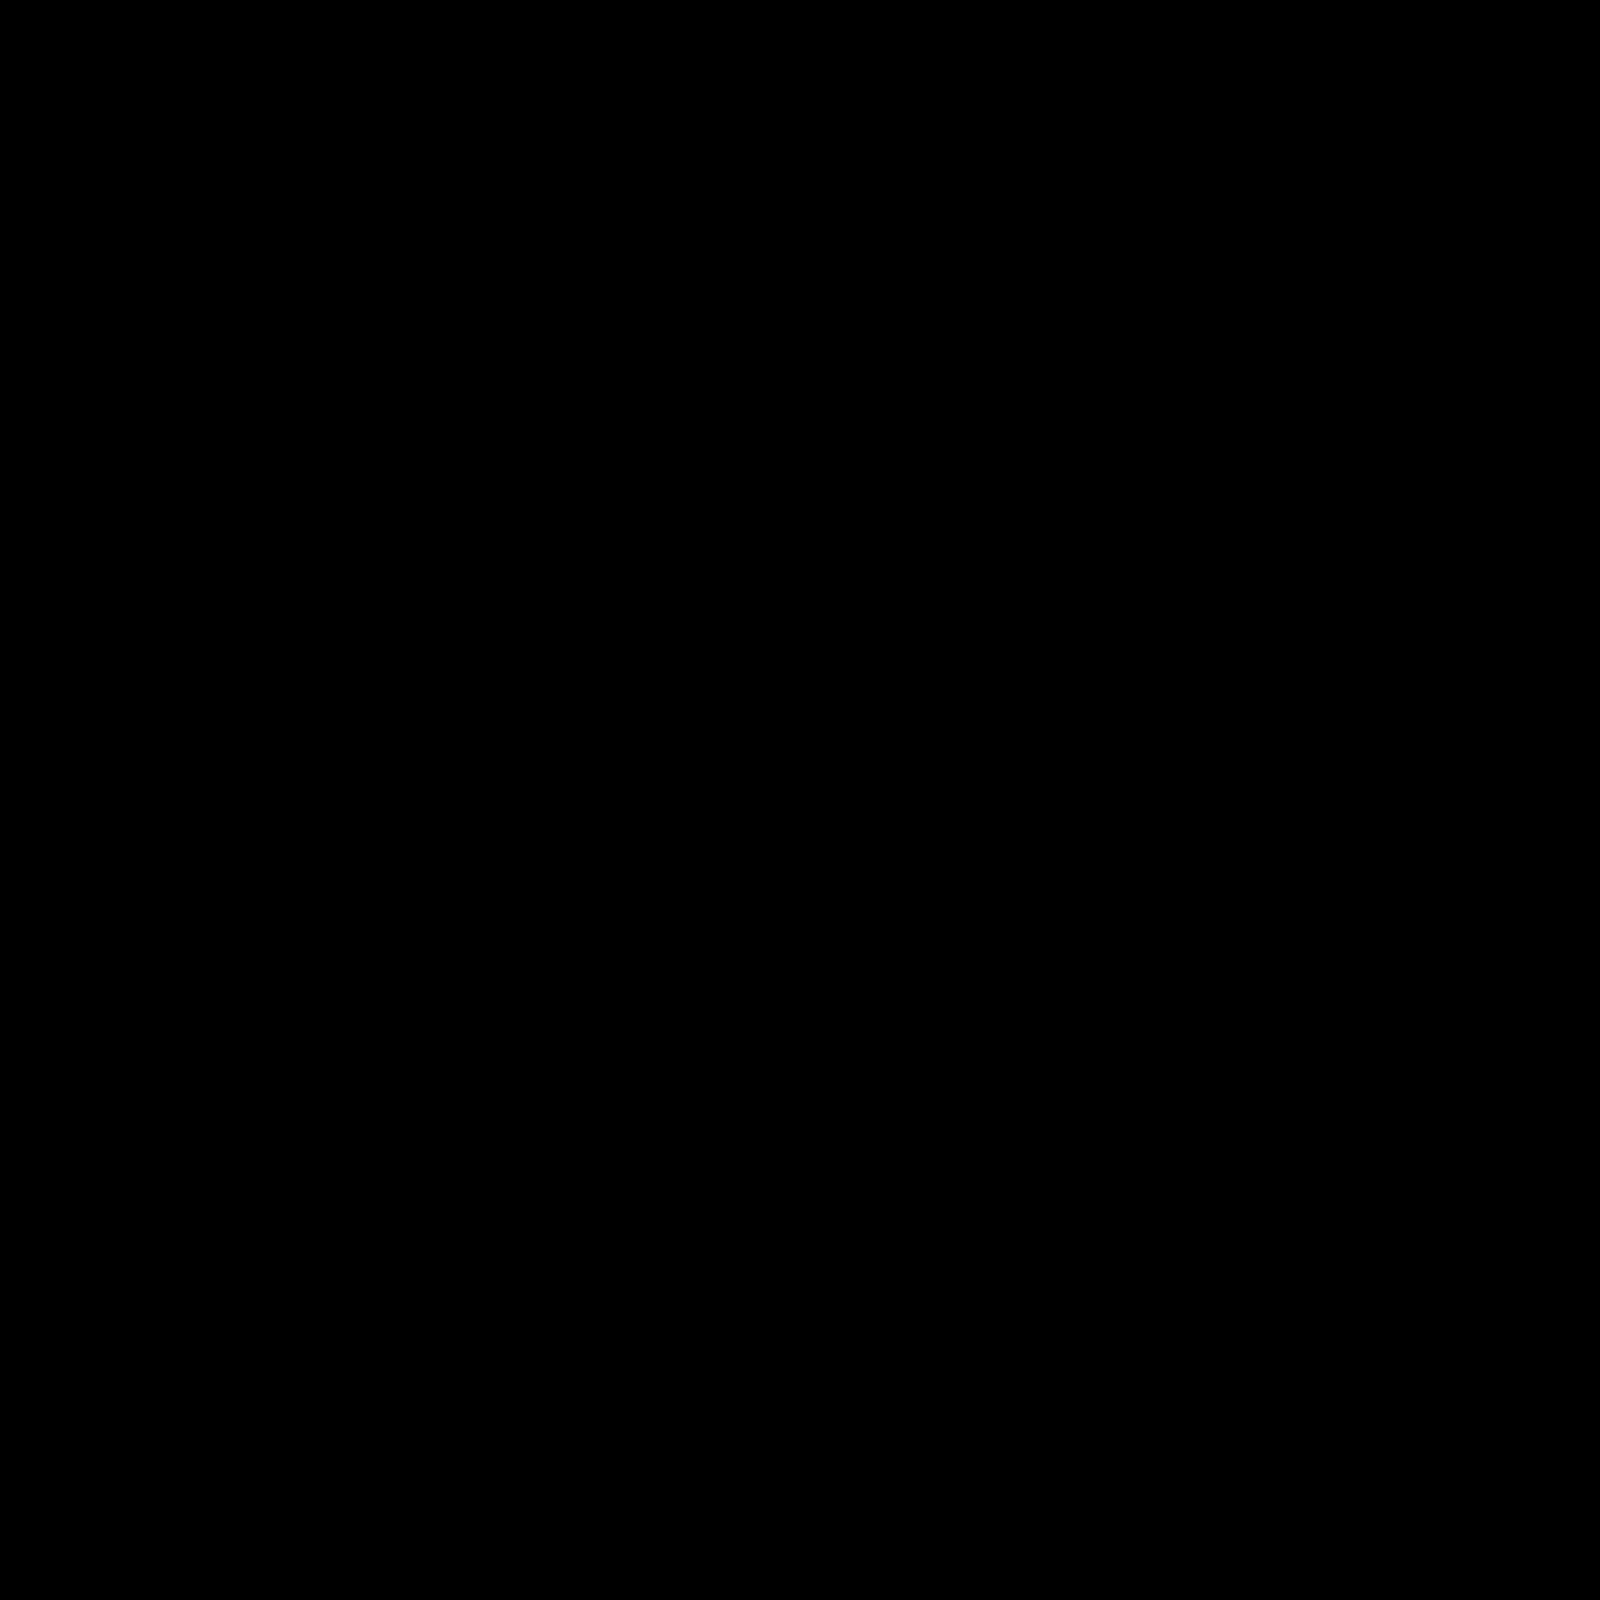 彩度 icon. This is a series of progressively larger circles. There are 7 circles in total, and they are arranged such that the smallest circle is at the very bottom of the image. The circles are arranged into a single larger circle, with each circle getting larger in a clockwise fashion.